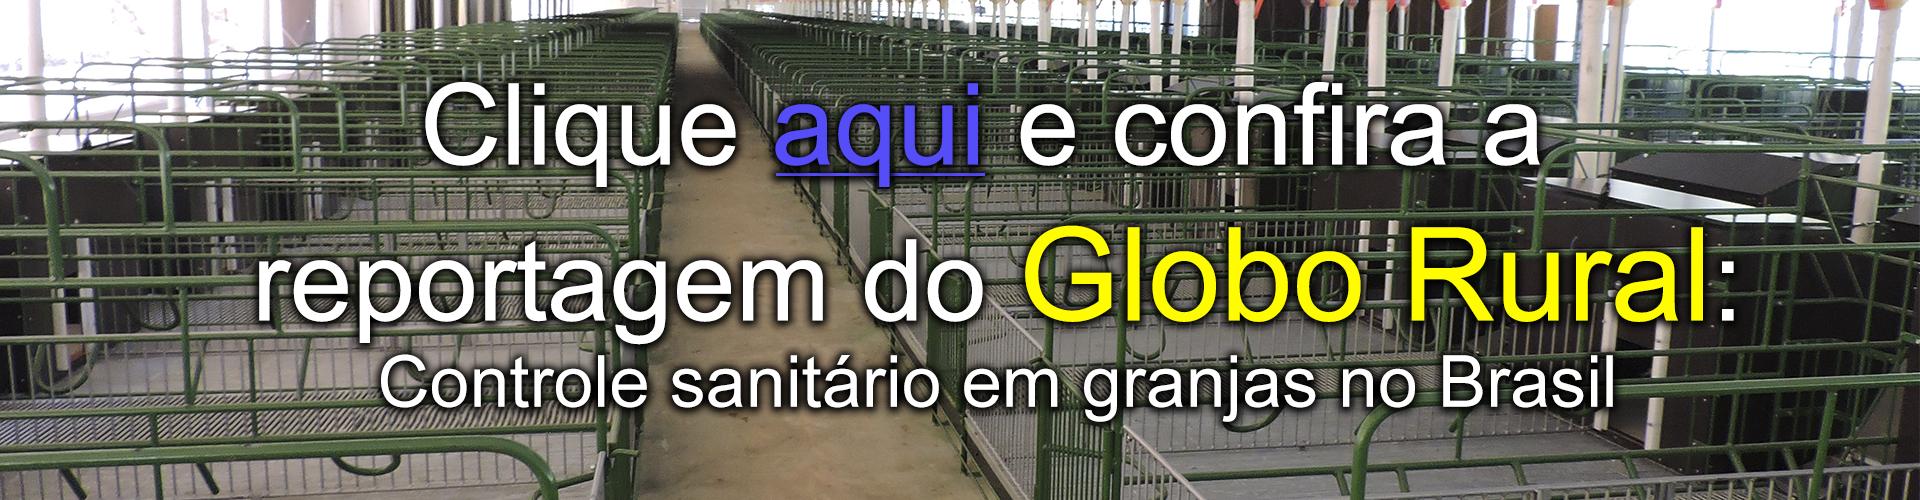 Banner Globo Rural - 12-05-2019